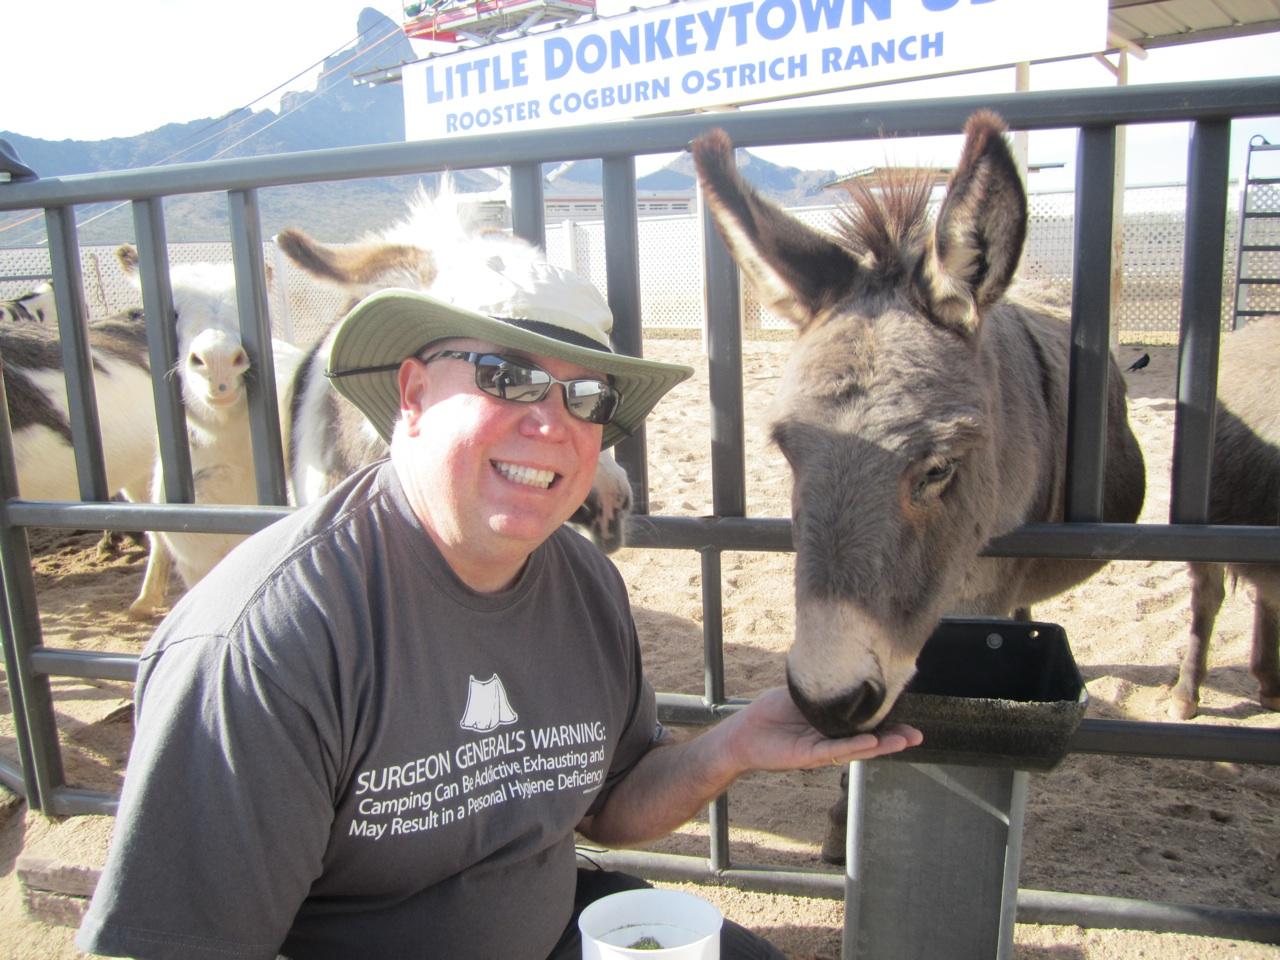 David Feeding The Donkeys